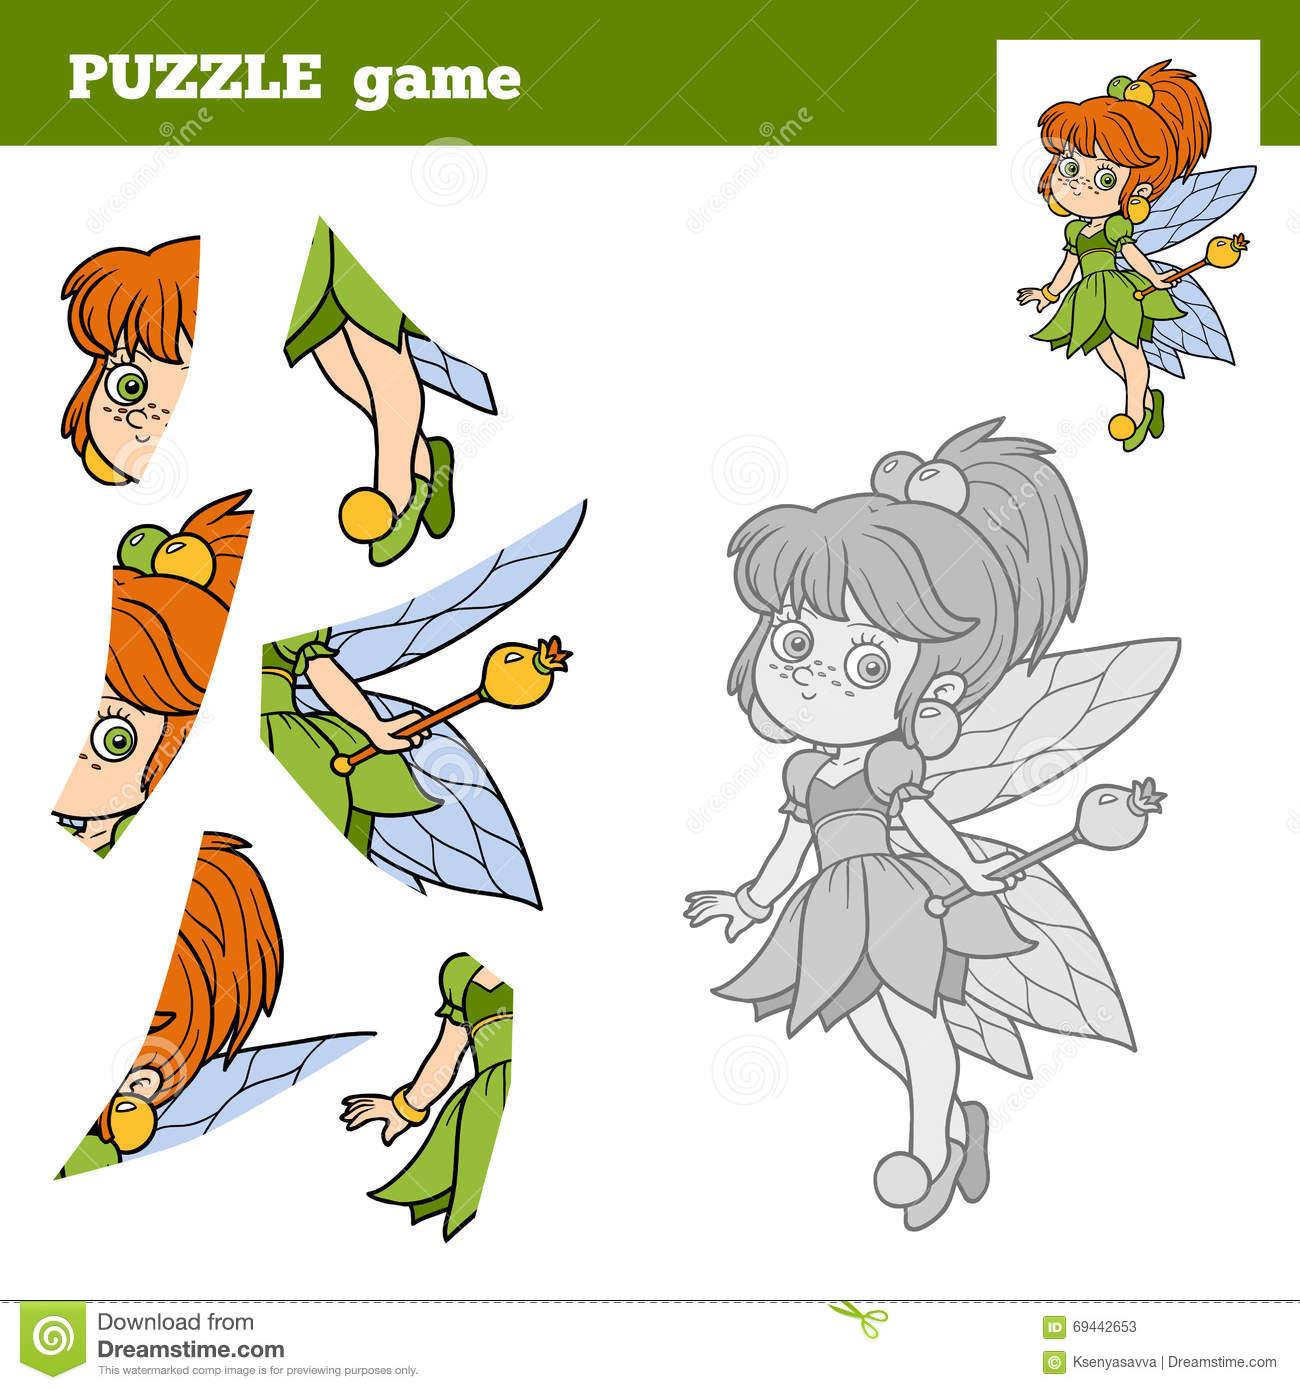 Jeux De Puzzle De Fee Telecharger | Denmonasse.ml à Jeux De Puzzle Pour Enfan Gratuit